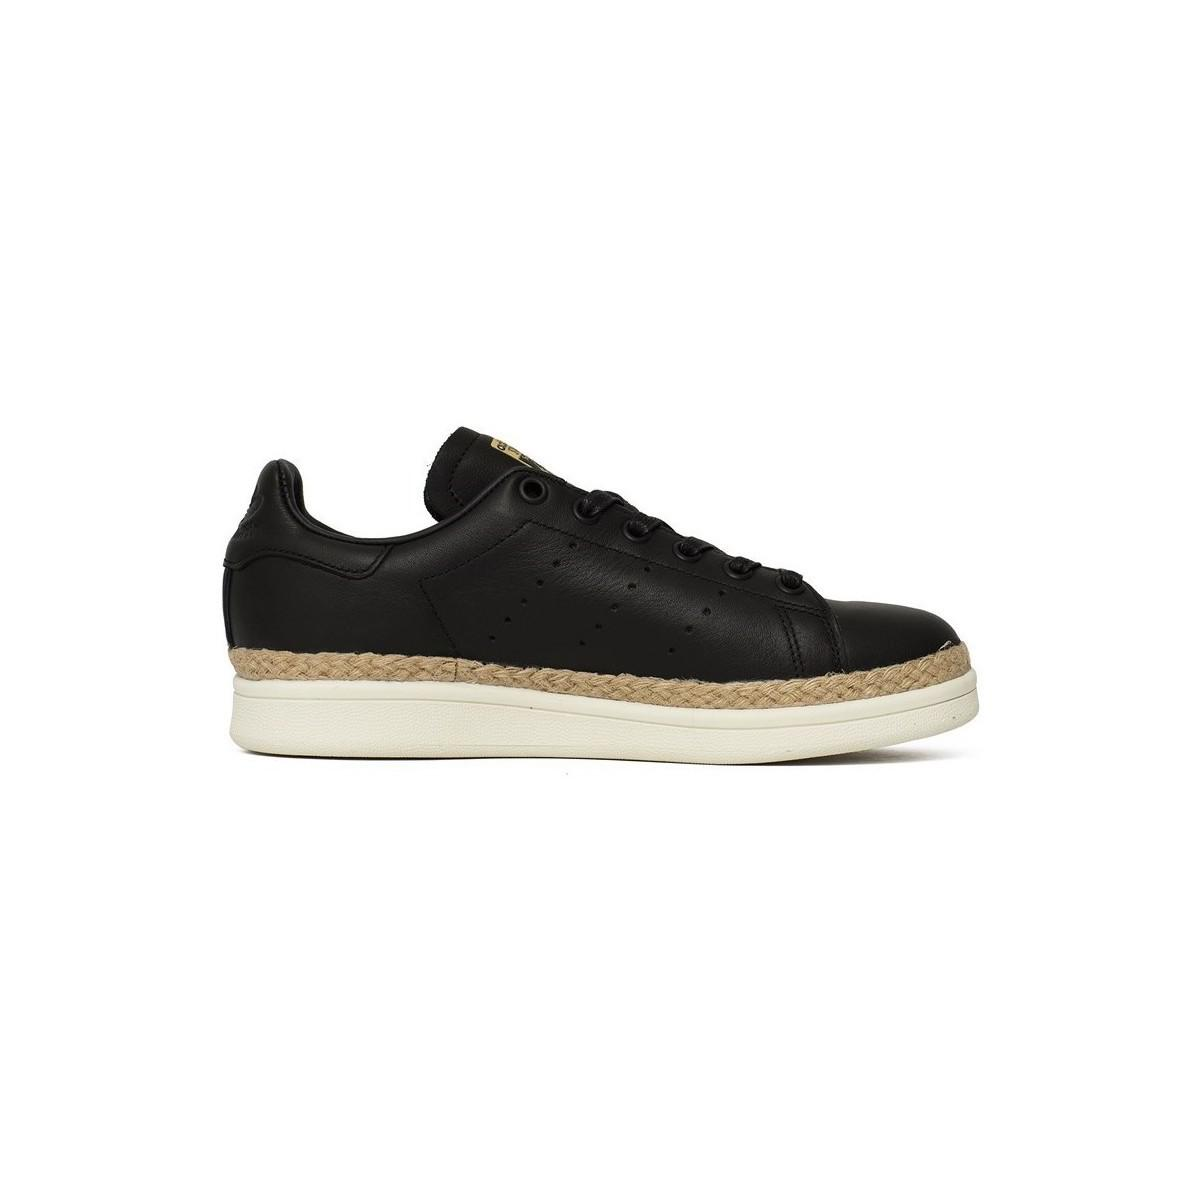 Femmes Lyst New Noir Adidas En Chaussures Stan Bold Smith n44wIaTpU